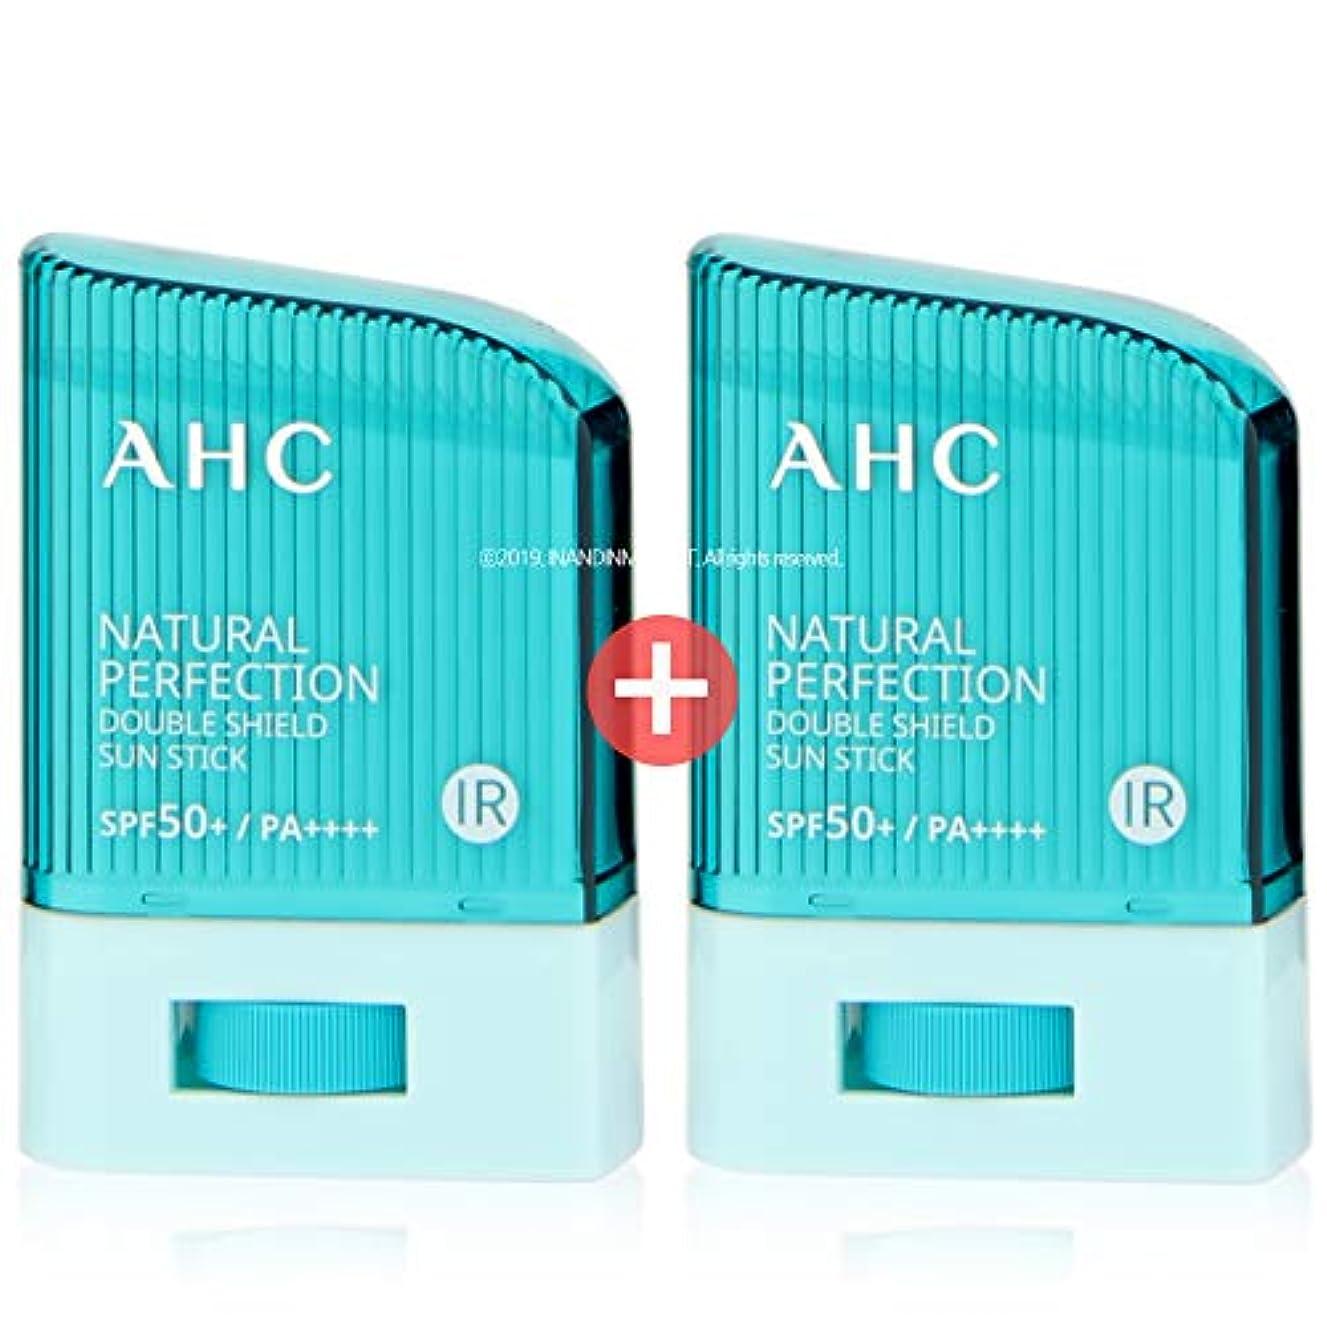 プライム何十人も[ 1+1 ] AHC ナチュラルパーフェクションダブルシールドサンスティック 14g, Natural Perfection Double Shield Sun Stick SPF50+ PA++++